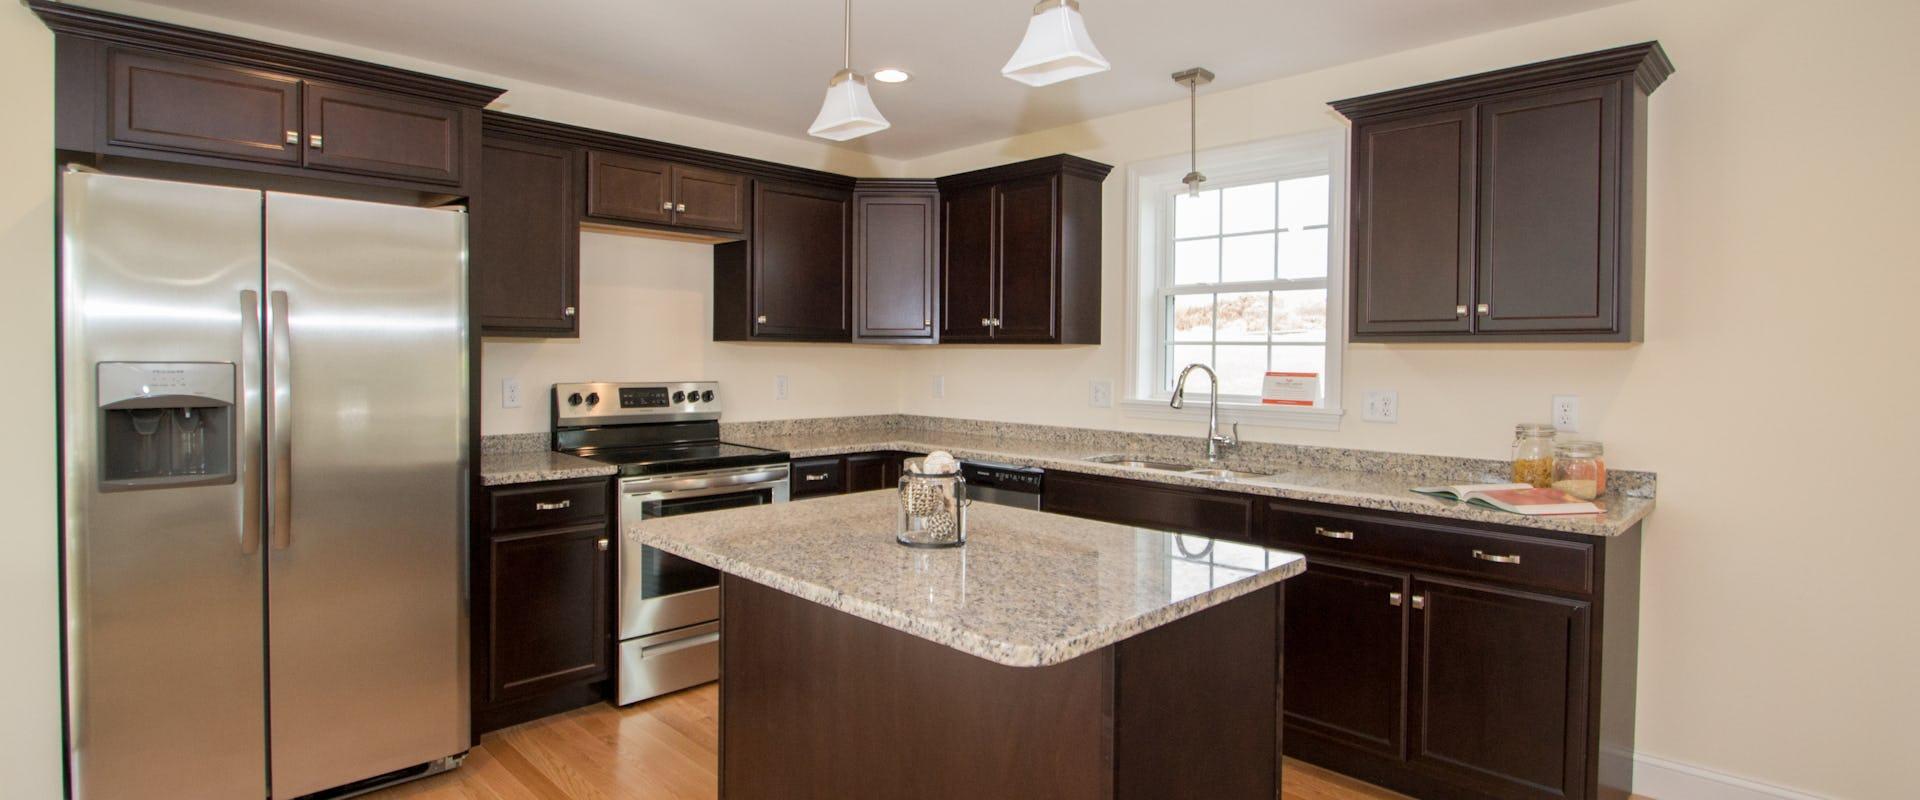 dark kitchen cabinets in new home